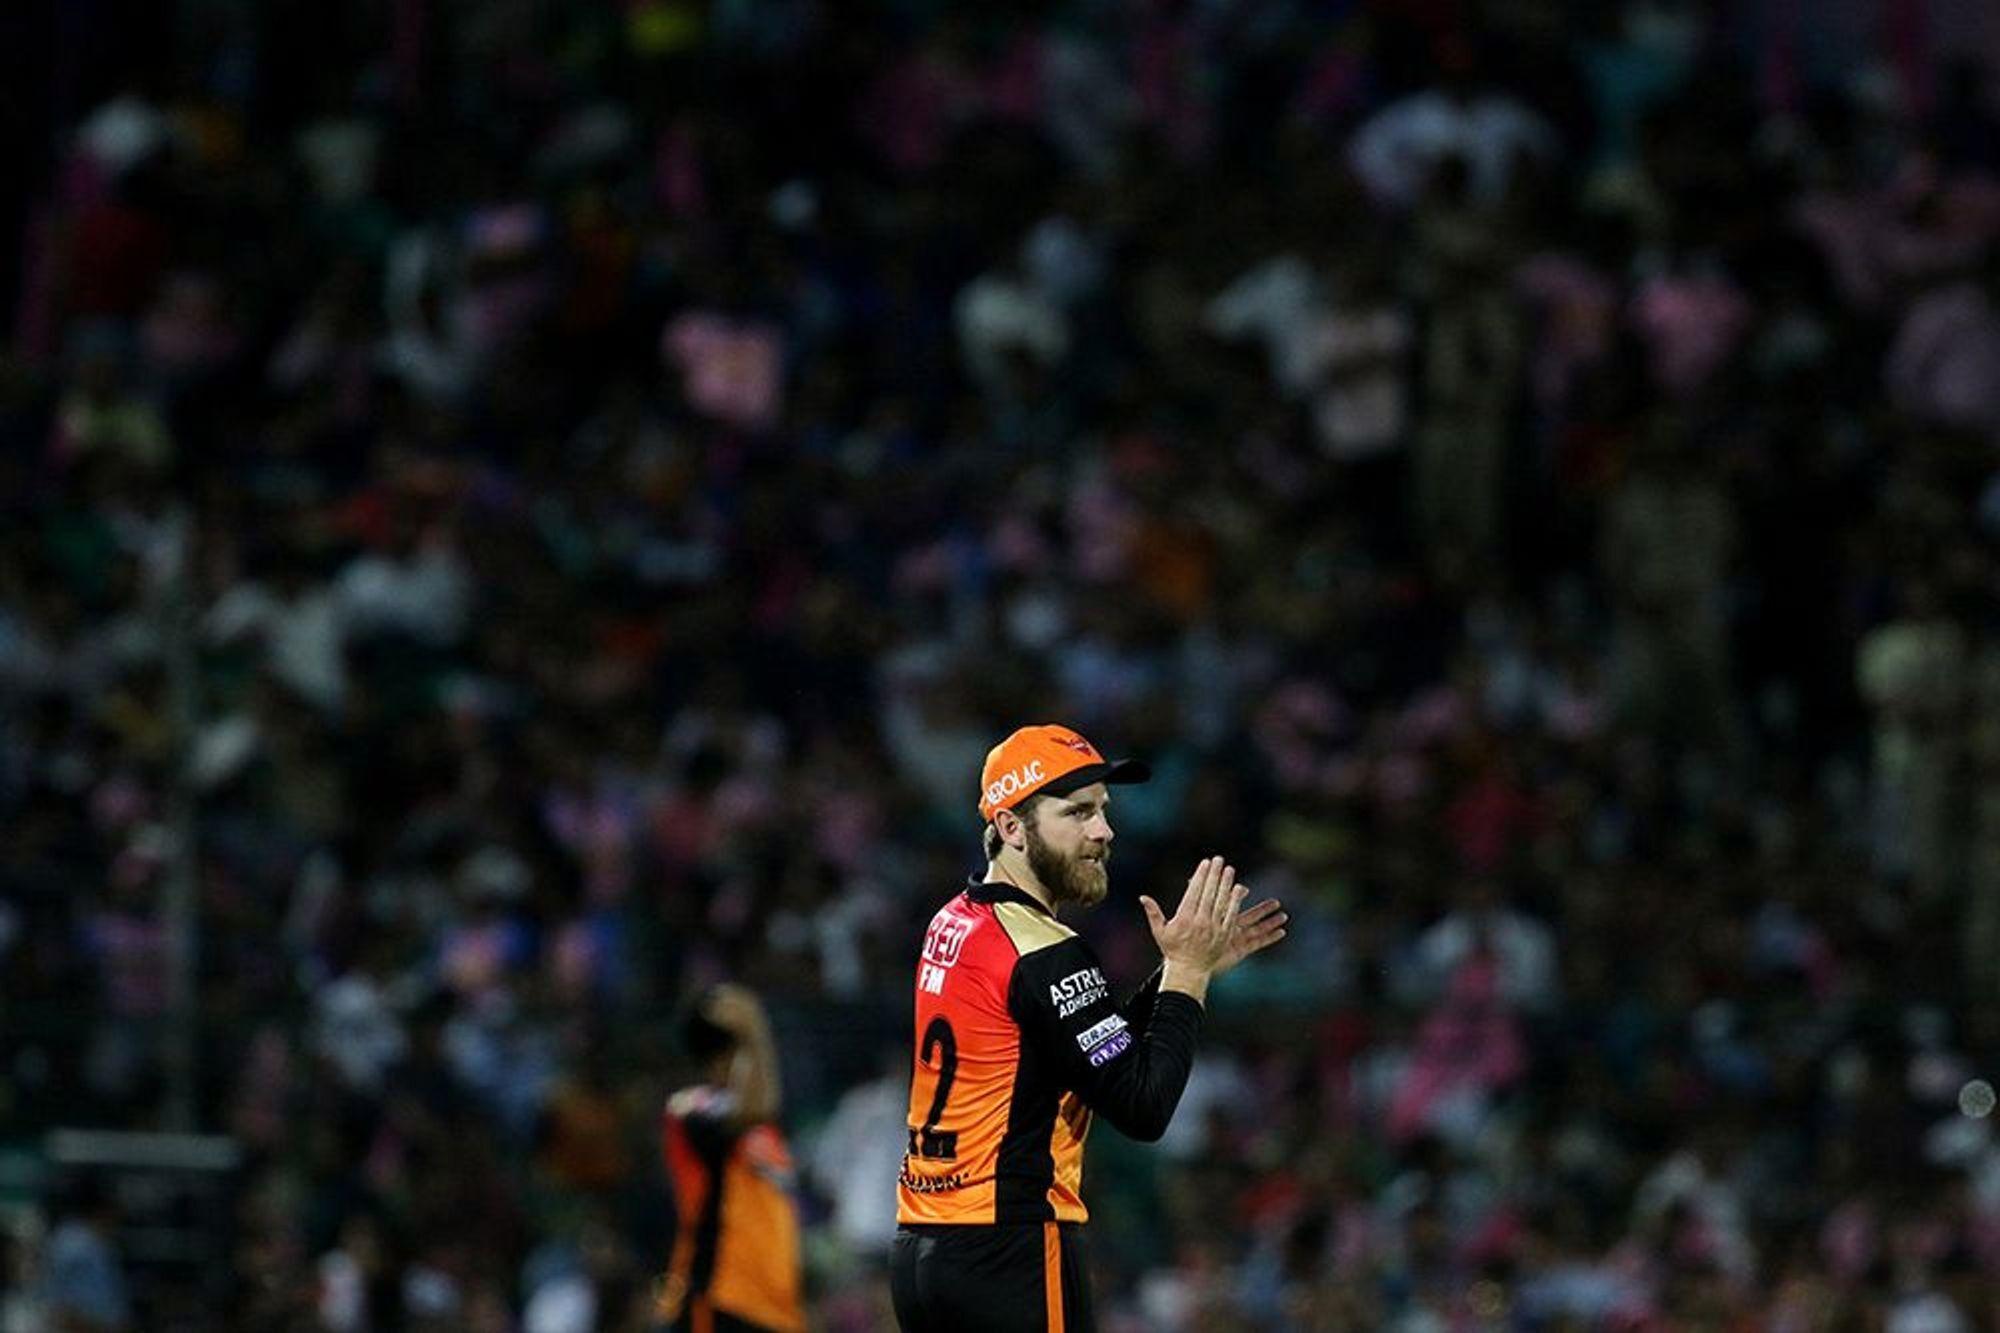 आईपीएल के पिछले सीजन में ये 5 खिलाड़ी थे अपनी टीम के हीरो, इस सीजन में बन गये जीरो 2